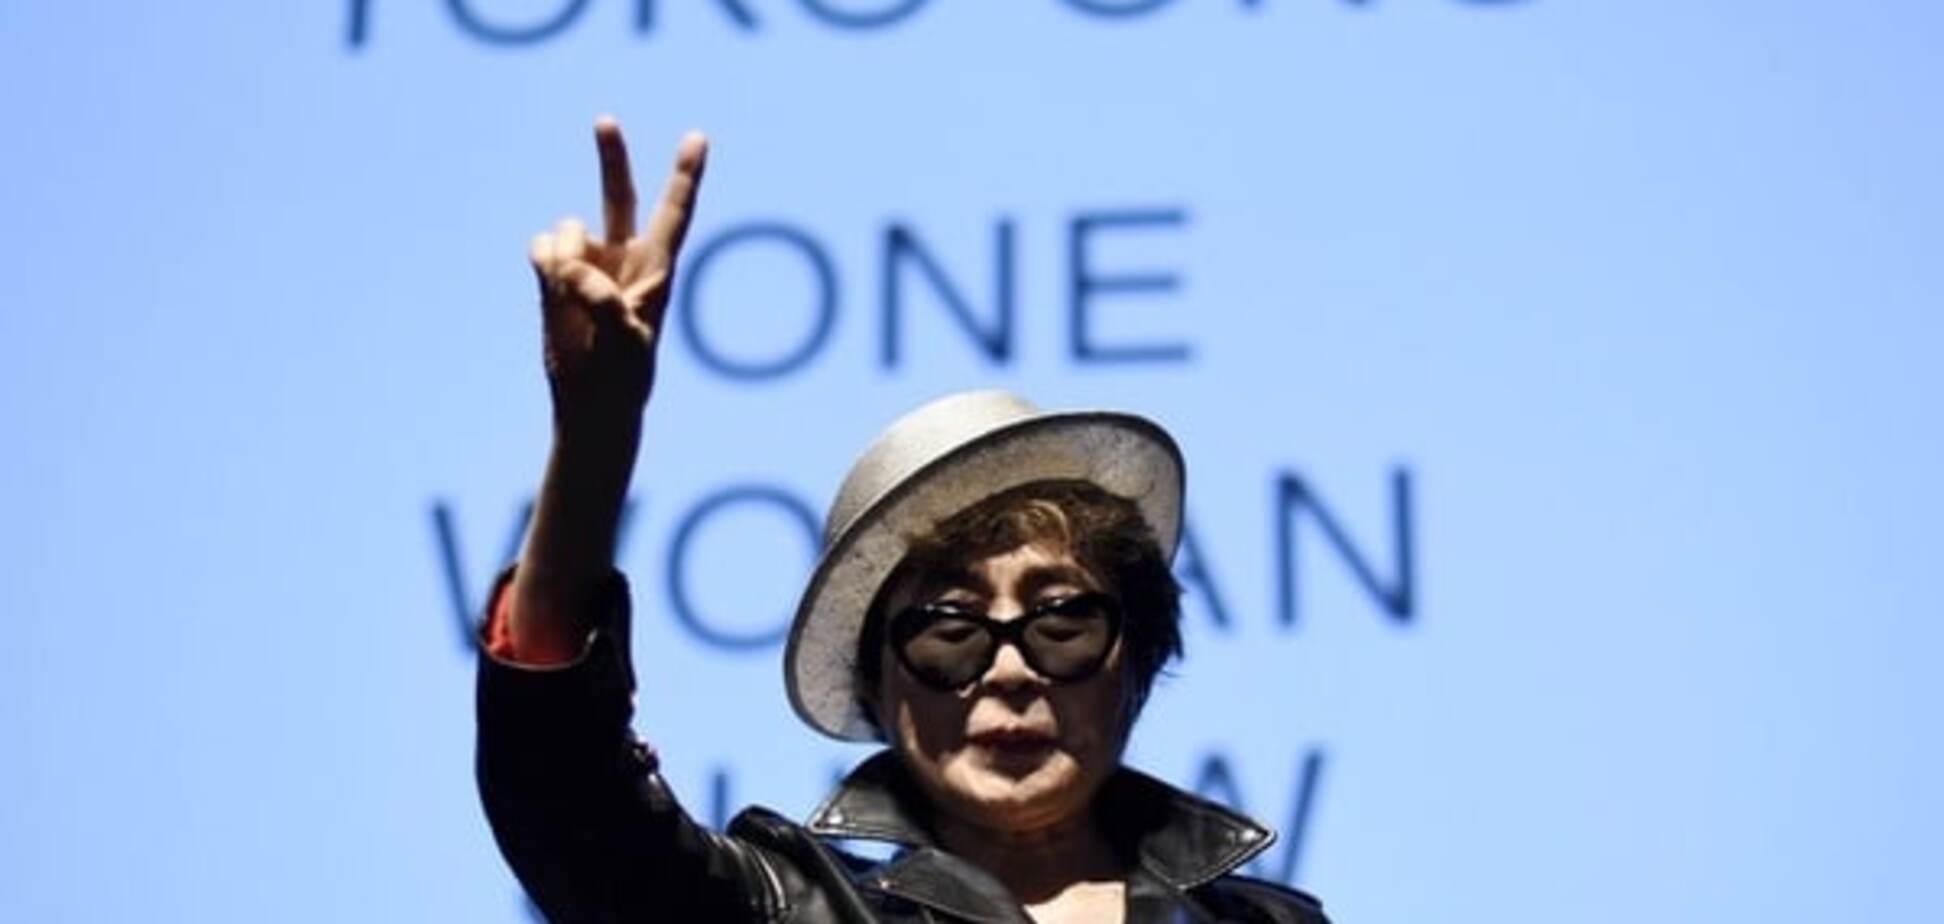 У Нью-Йорку госпіталізували Йоко Оно: ЗМІ повідомили про інсульт